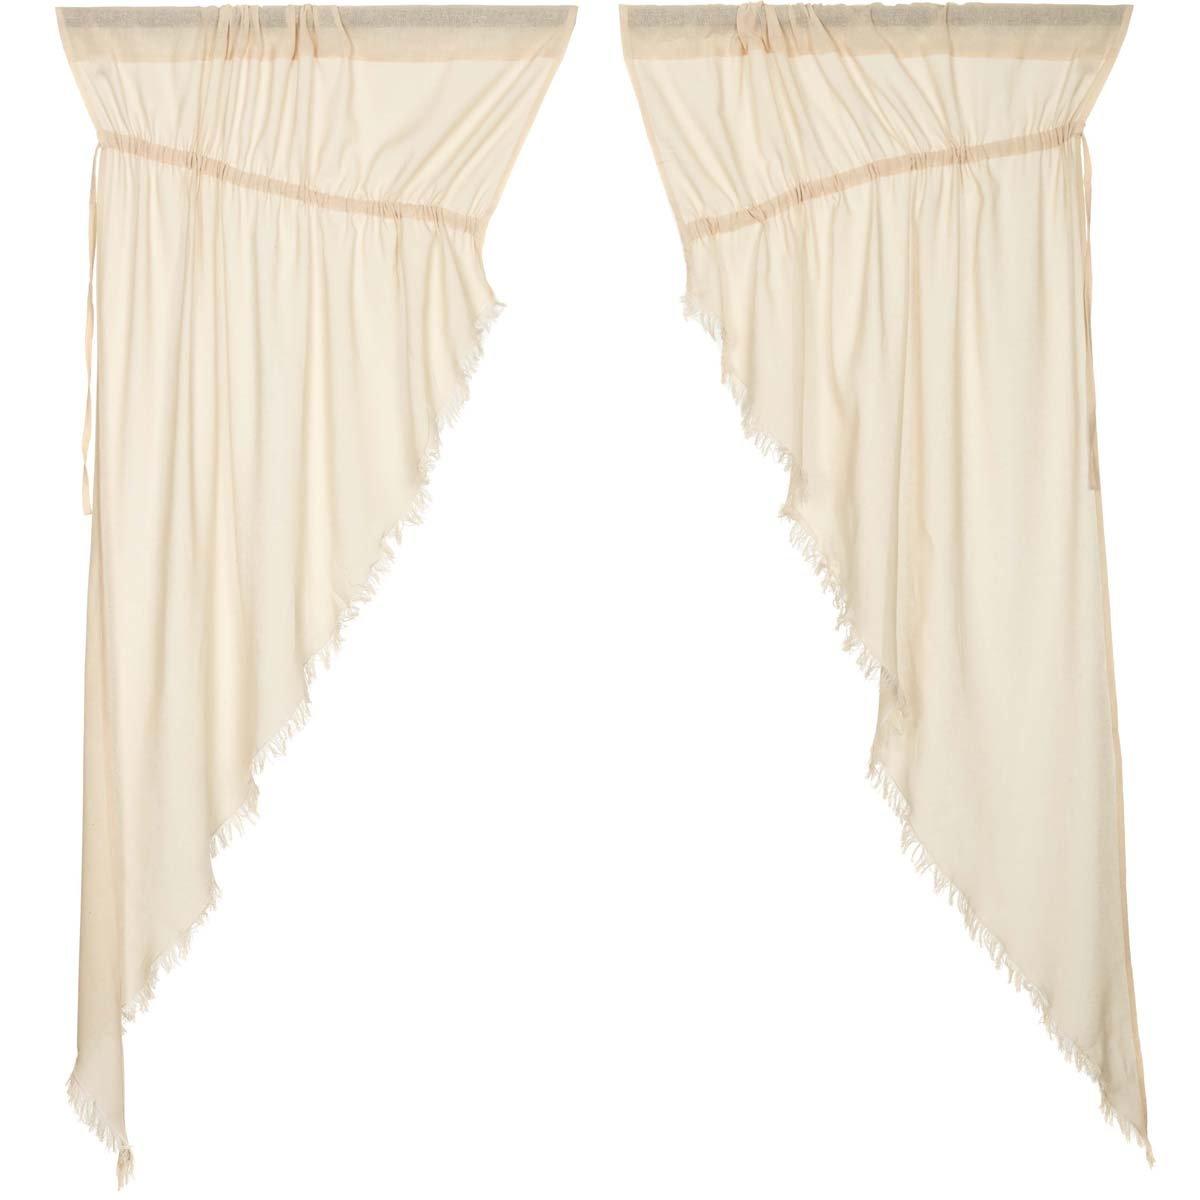 VHC Brands Coastal Farmhouse Window Tobacco Cloth White Fringed Prairie Curtain Pair x King Natural